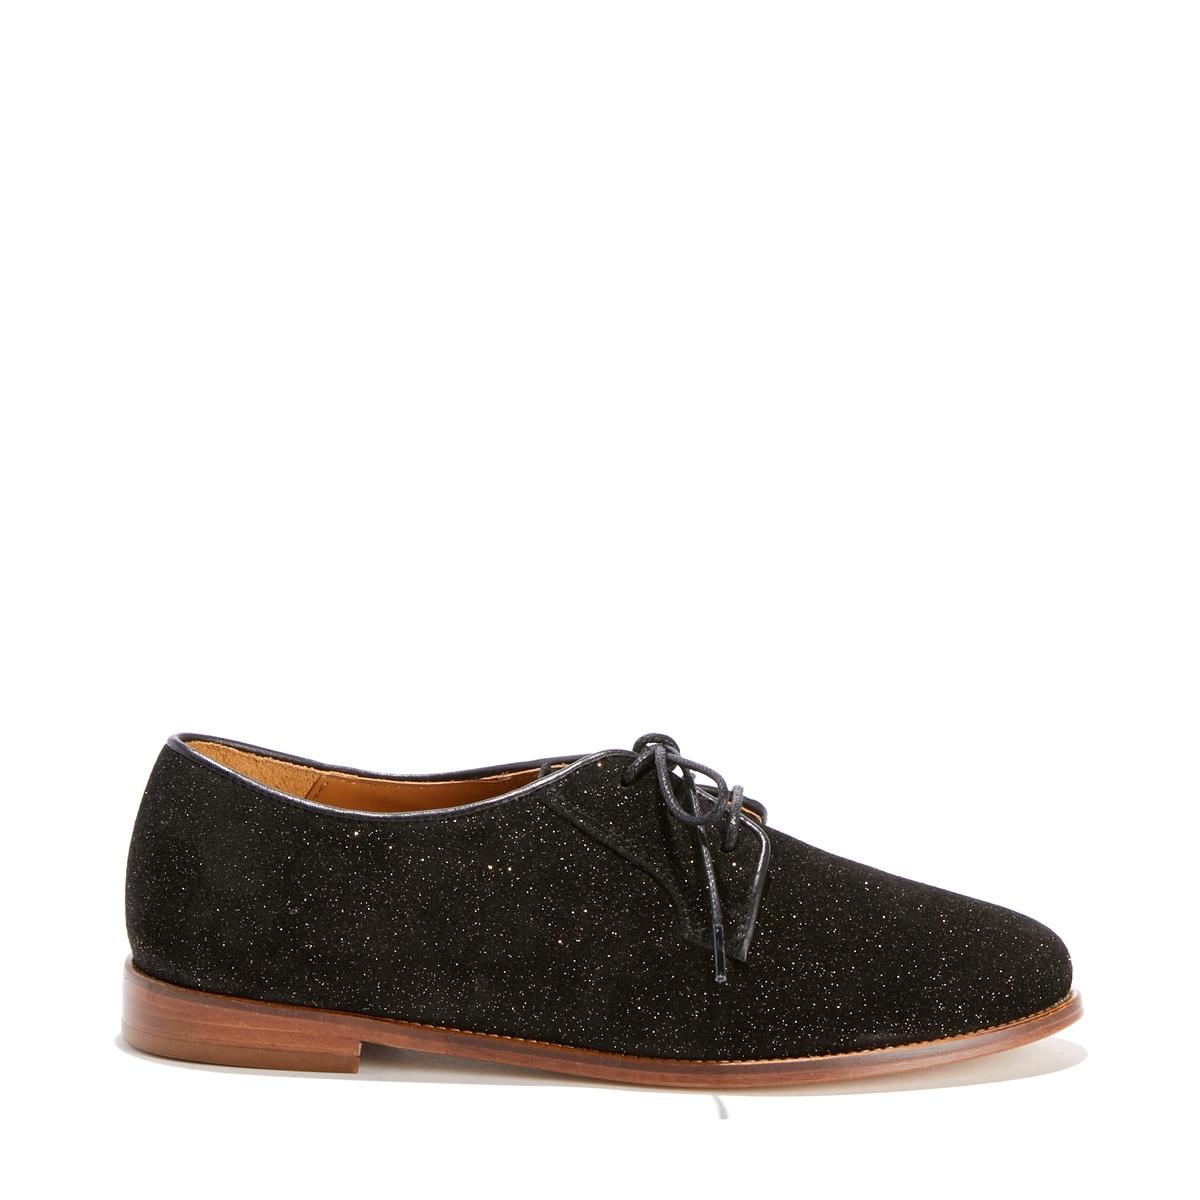 Ботинки-дерби кожаные с пайетками ботинки кожаные с кисточками